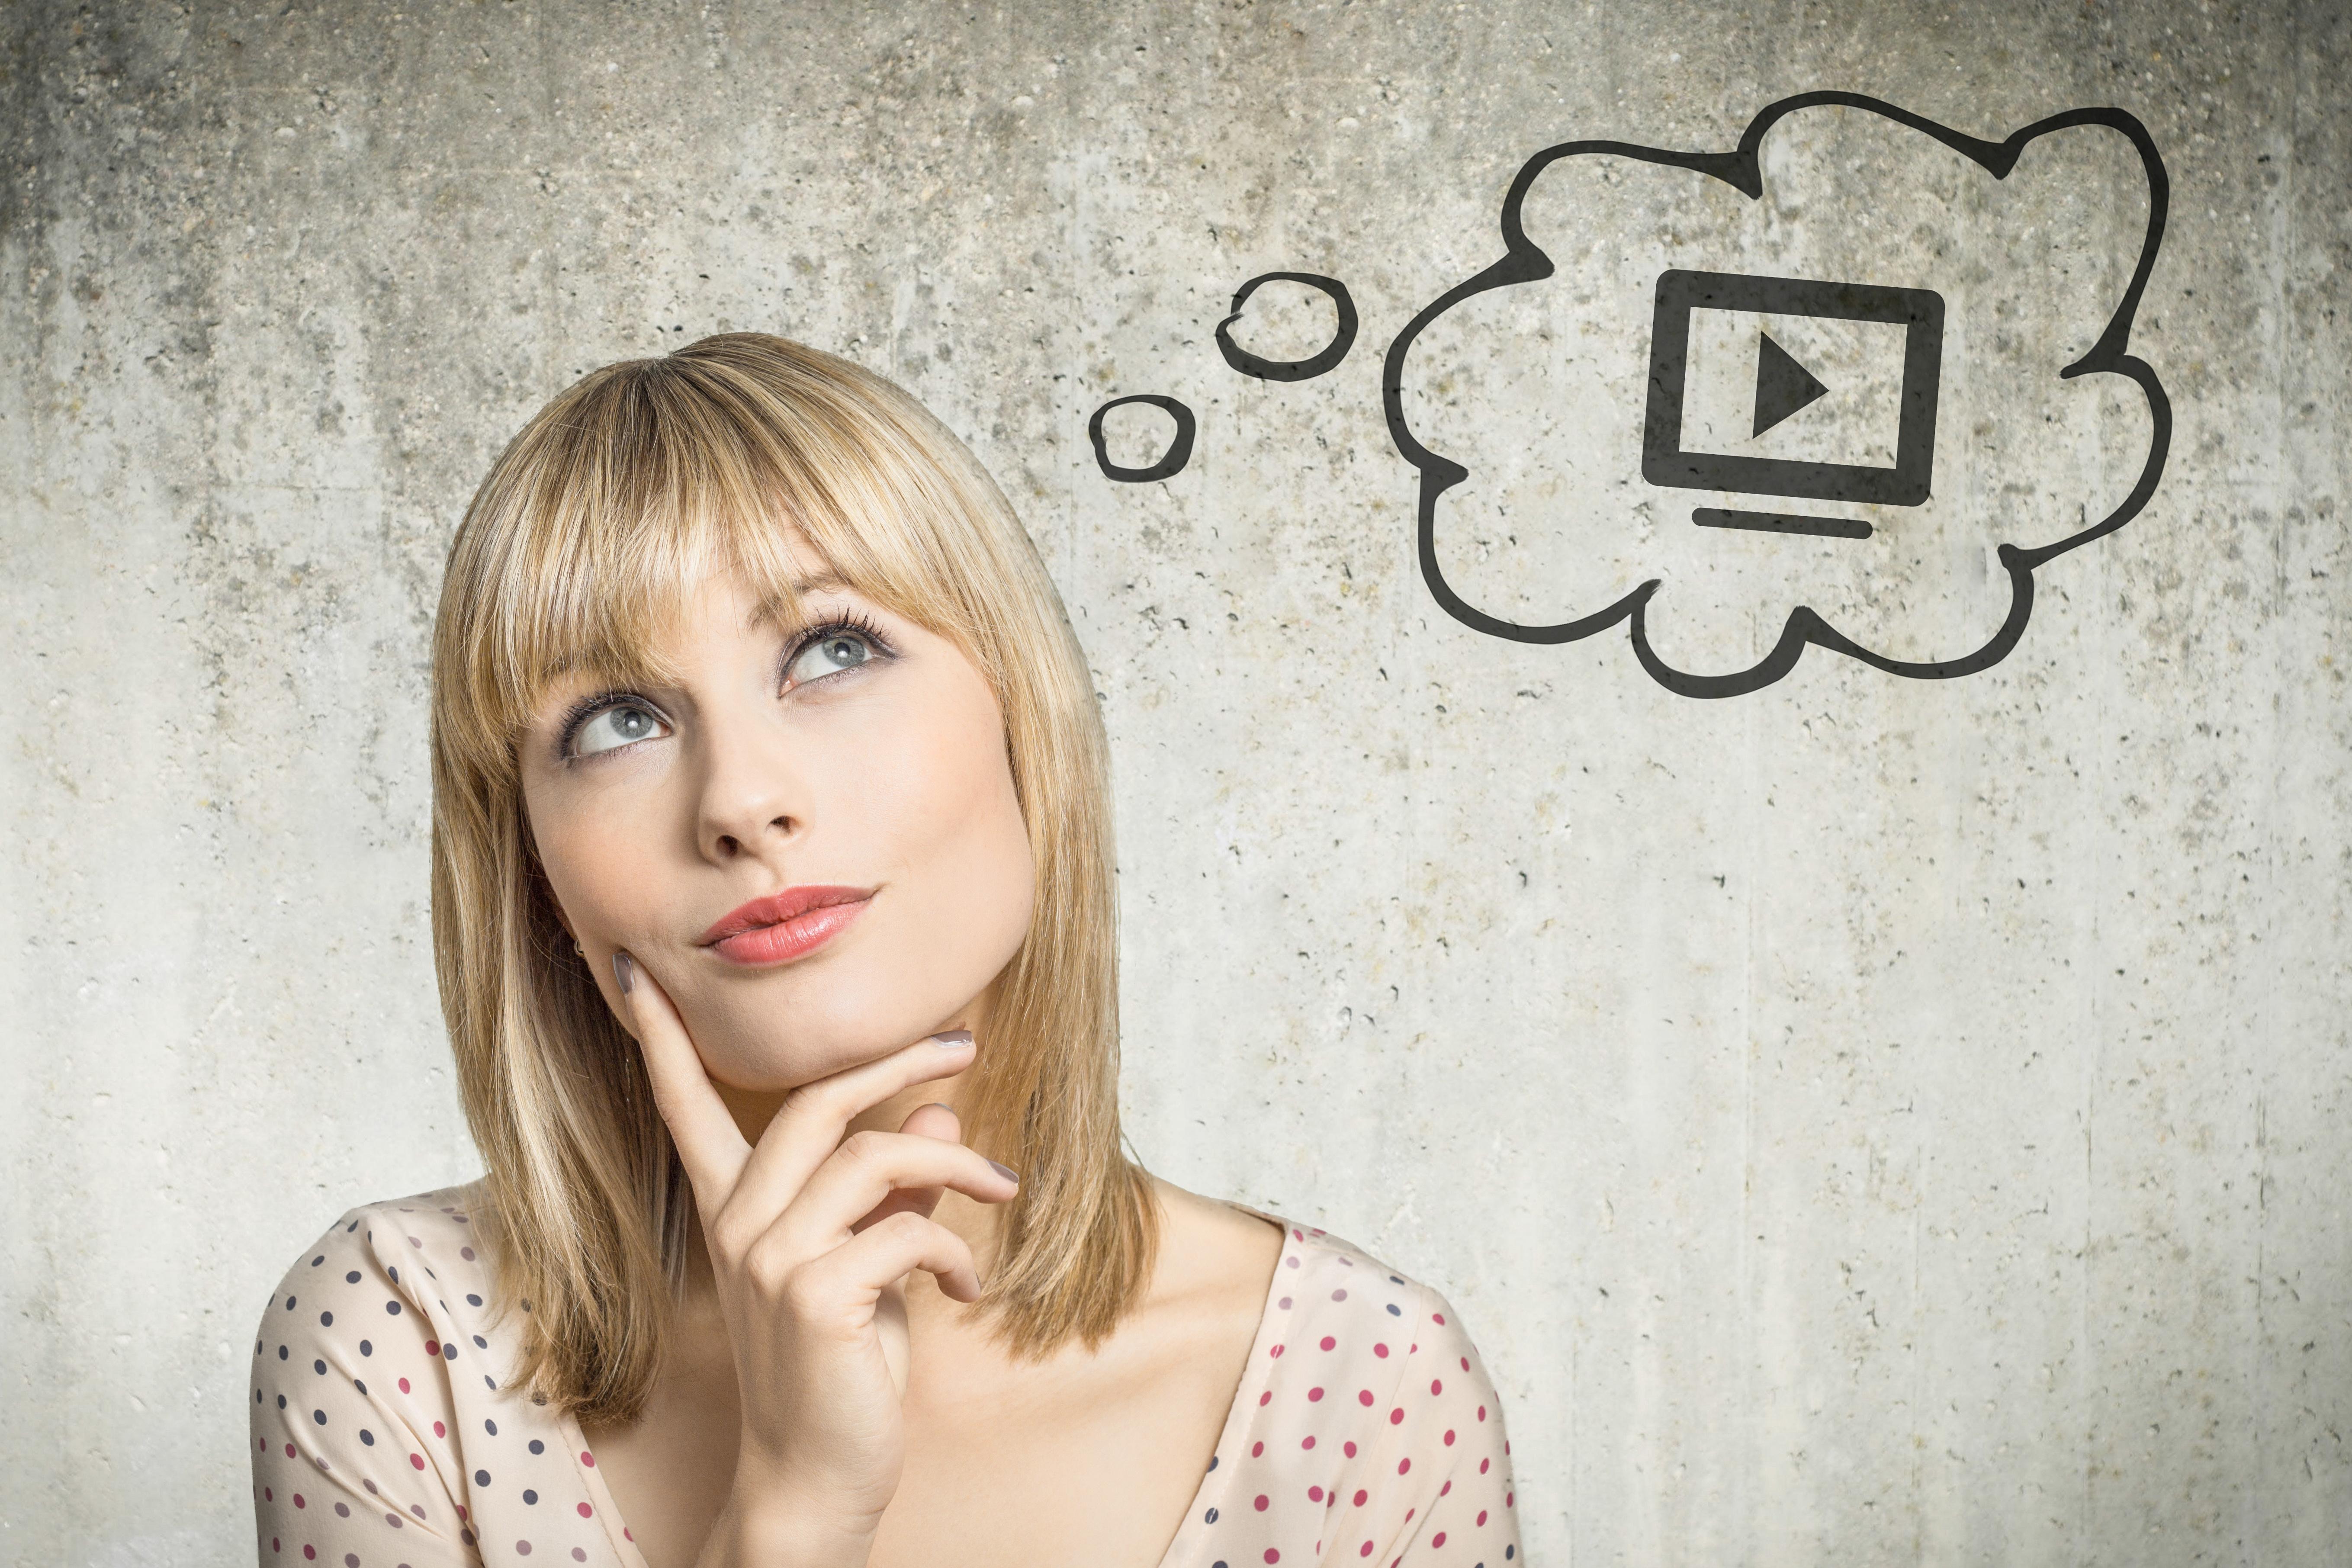 youtubeでのseo対策について考える女性